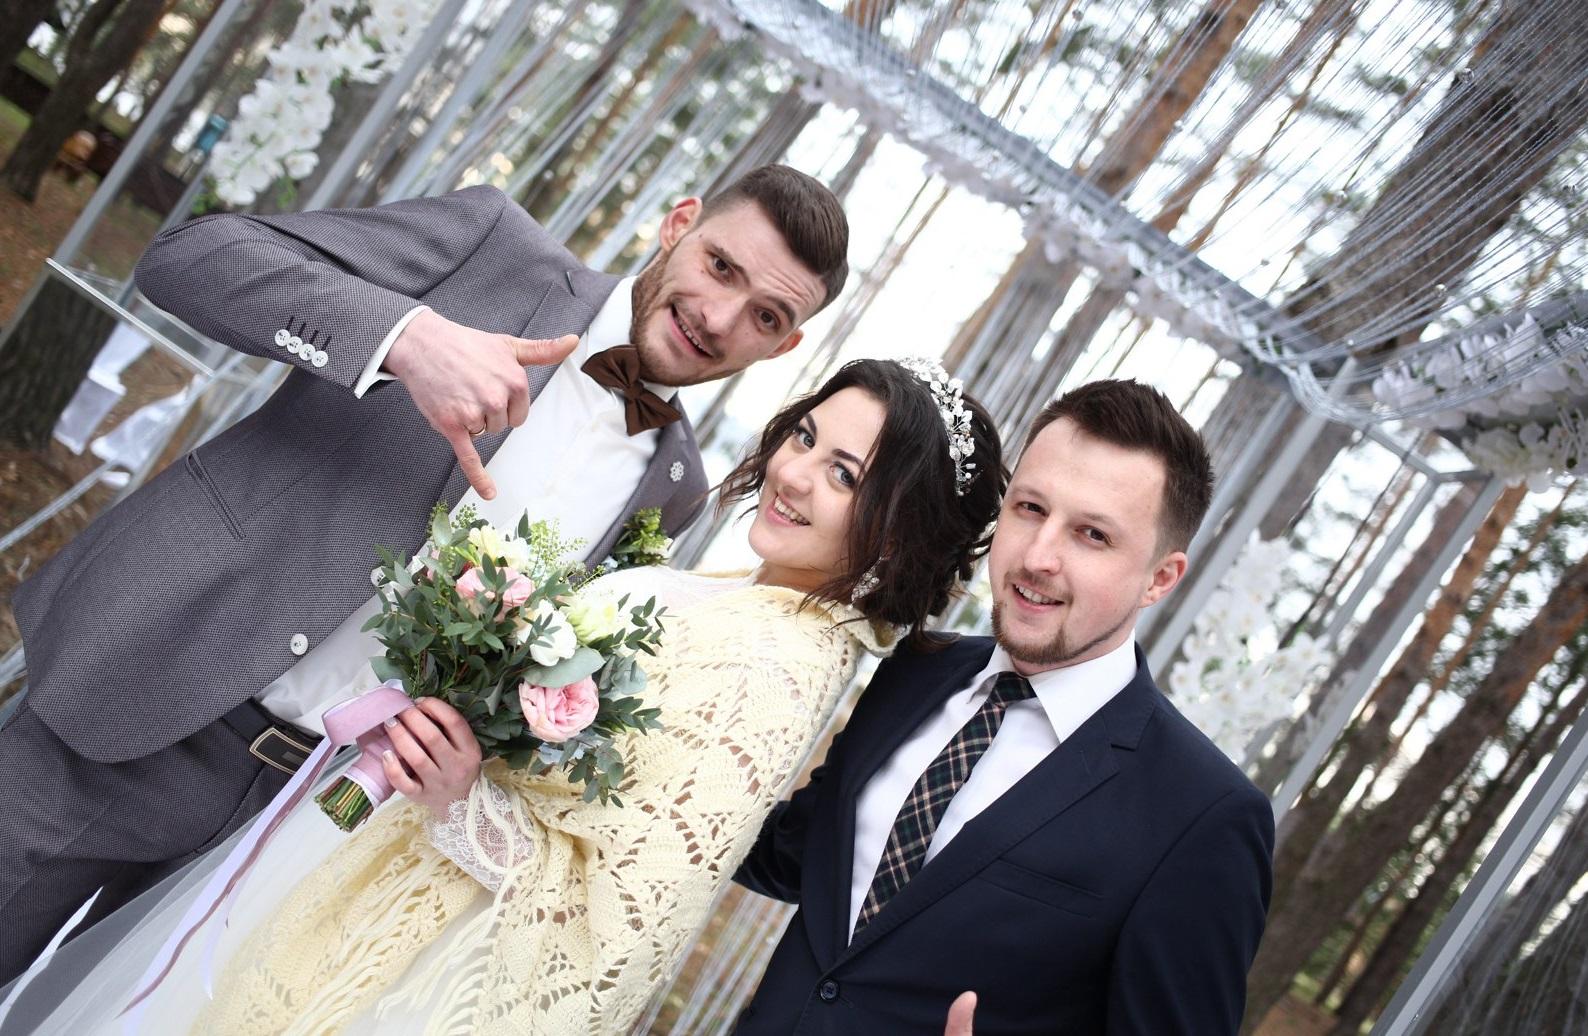 f70136c3f4c58b5 Идеальная свадьба. Ведущий Дмитрий Шапошников — о креативе на ...